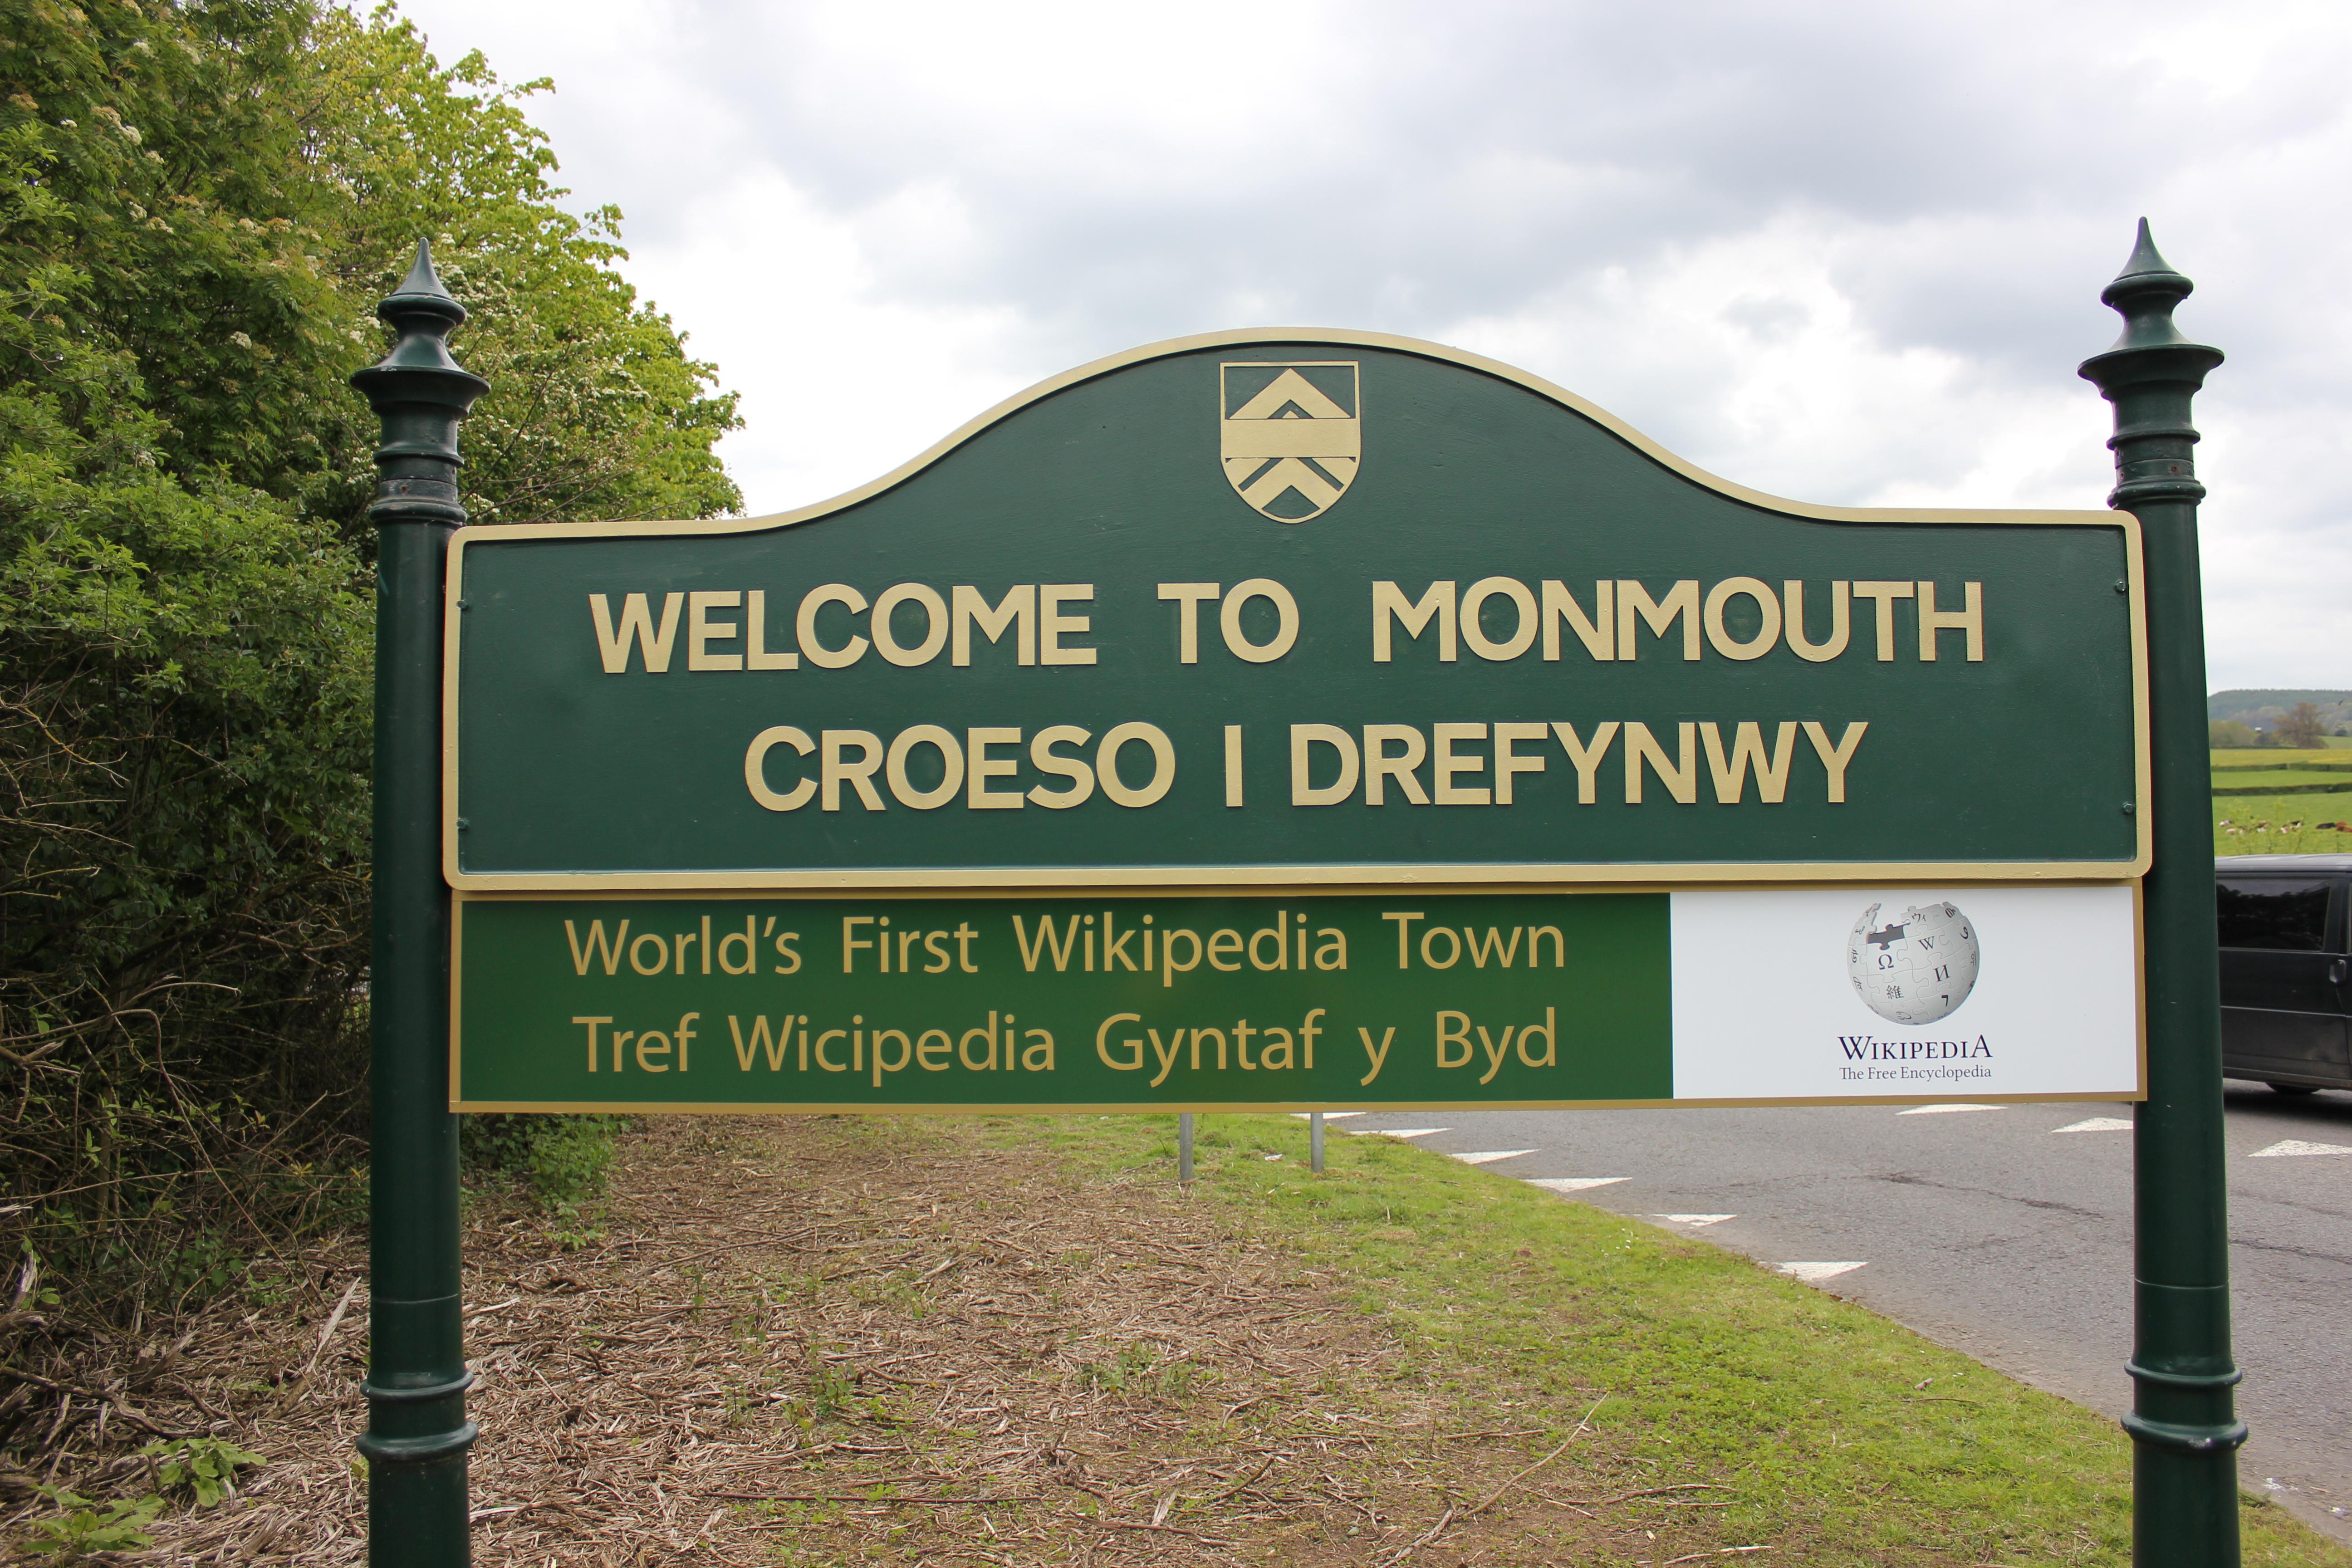 世界初の Wikipedia Town とされるMonmouth(モンマス)。町の案内板にウィキペディアのロゴが付いている。